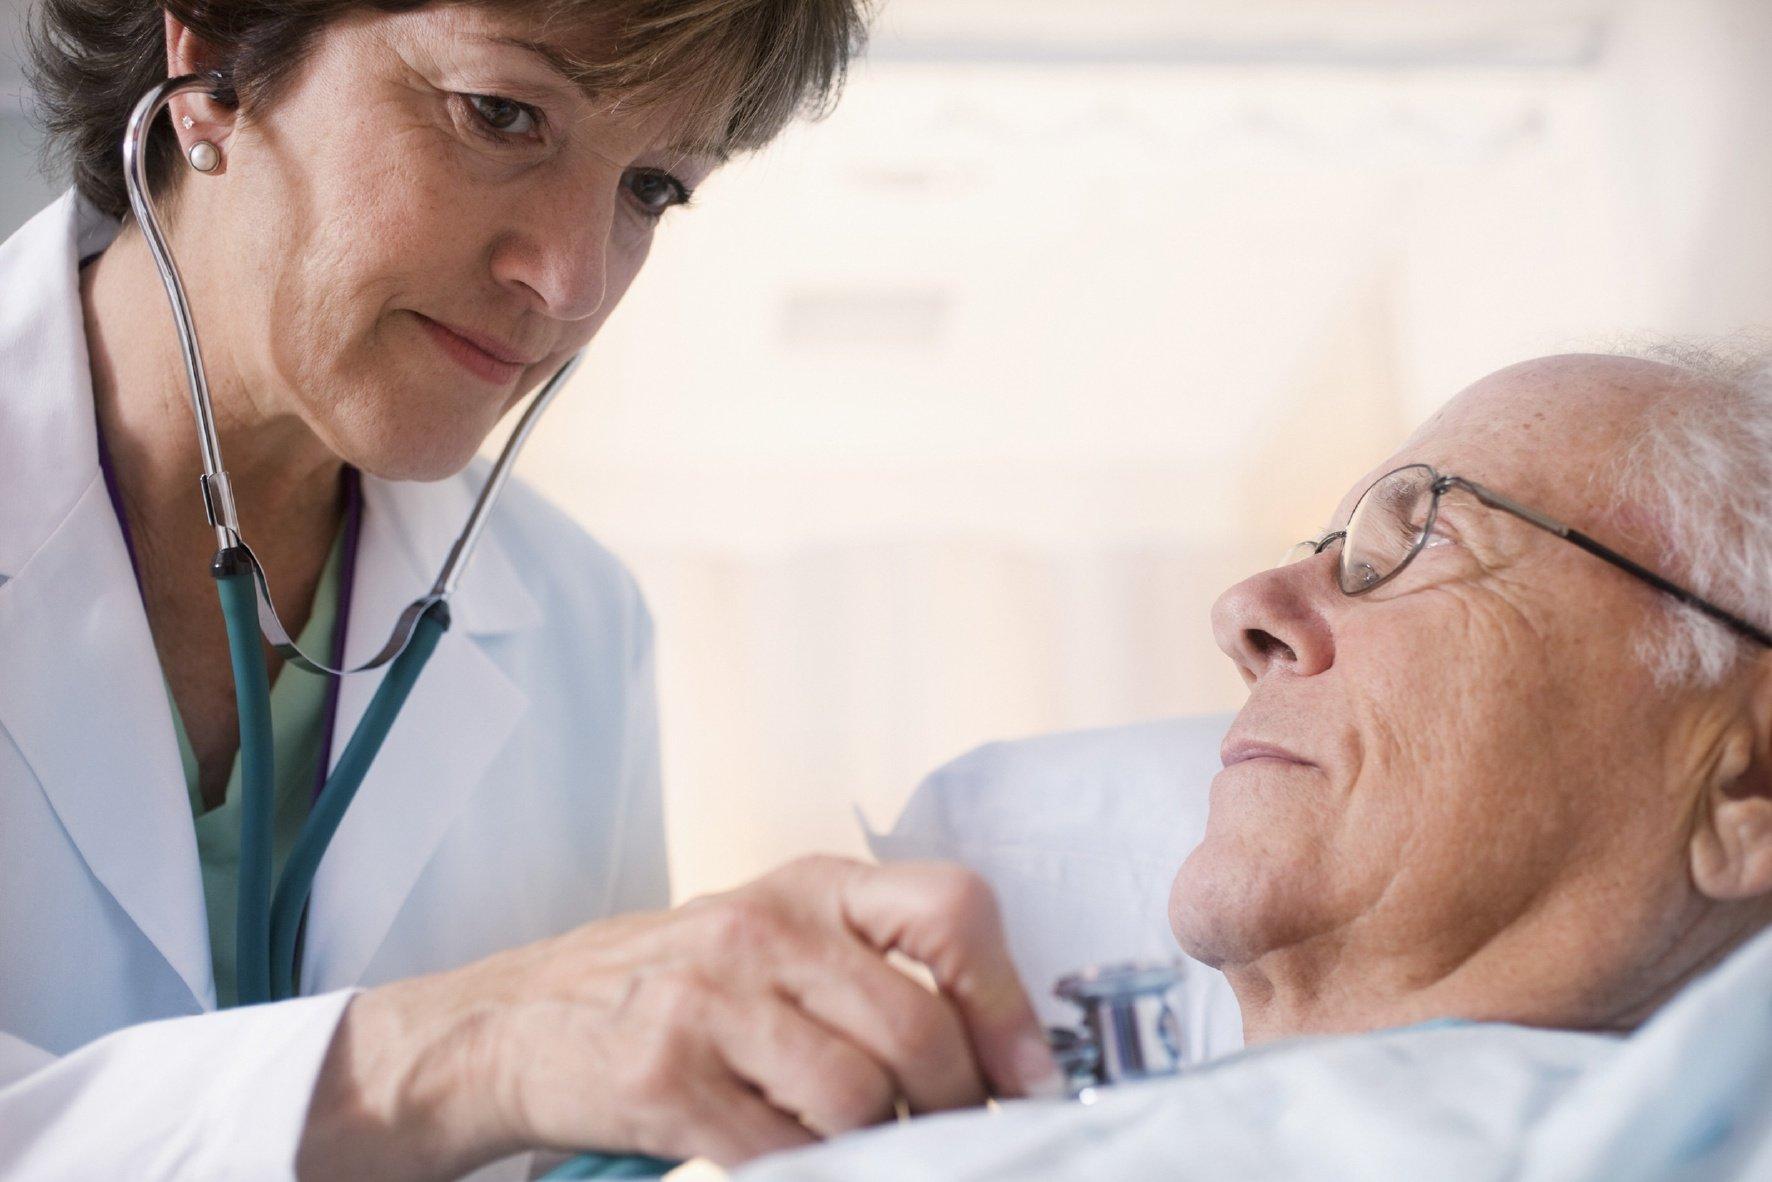 Особенности  и значимость для прогноза повторных госпитализаций пациентов с острой декомпенсацией хронической сердечной недостаточности